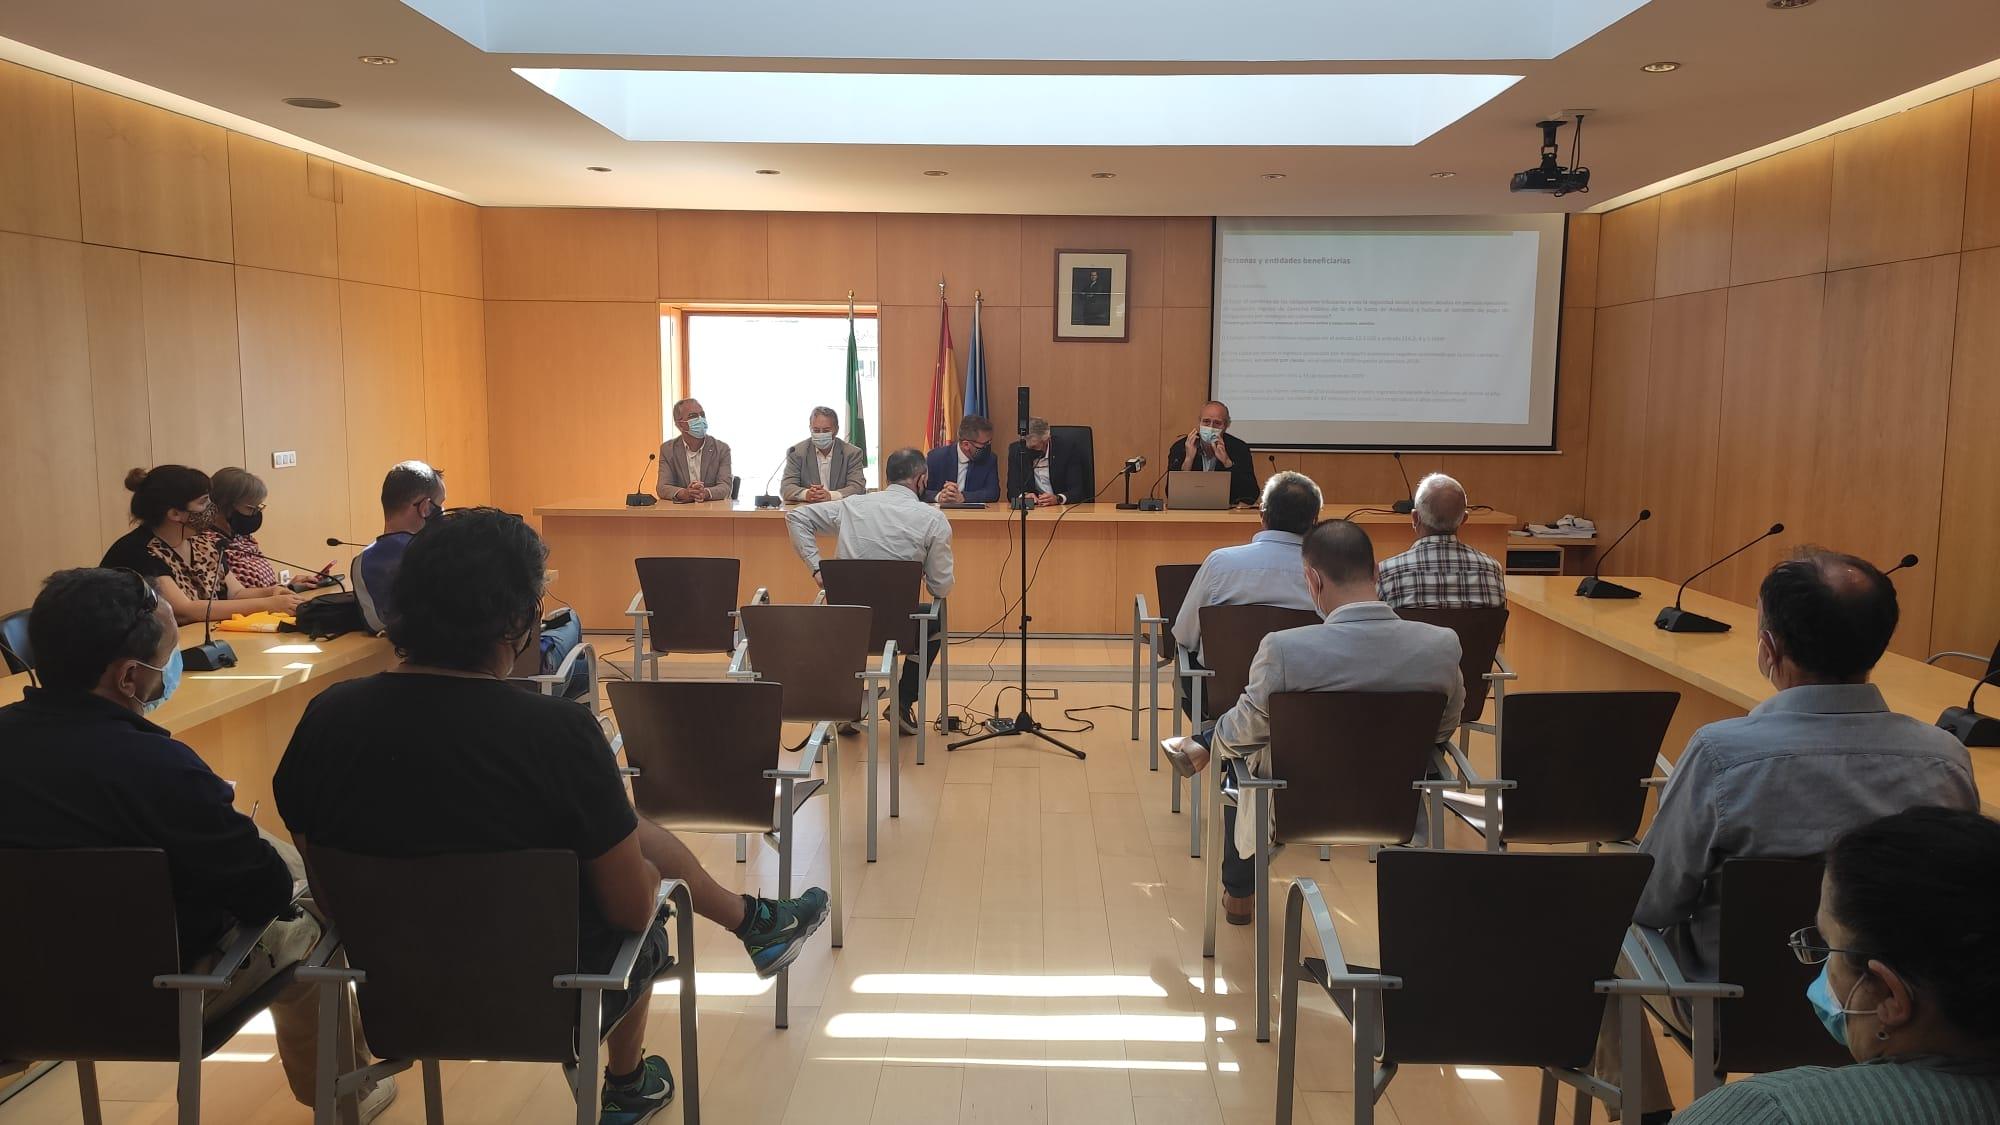 Más de 2.000 empresas turísticas de Granada podrán beneficiarse de las ayudas al sector, según la Junta